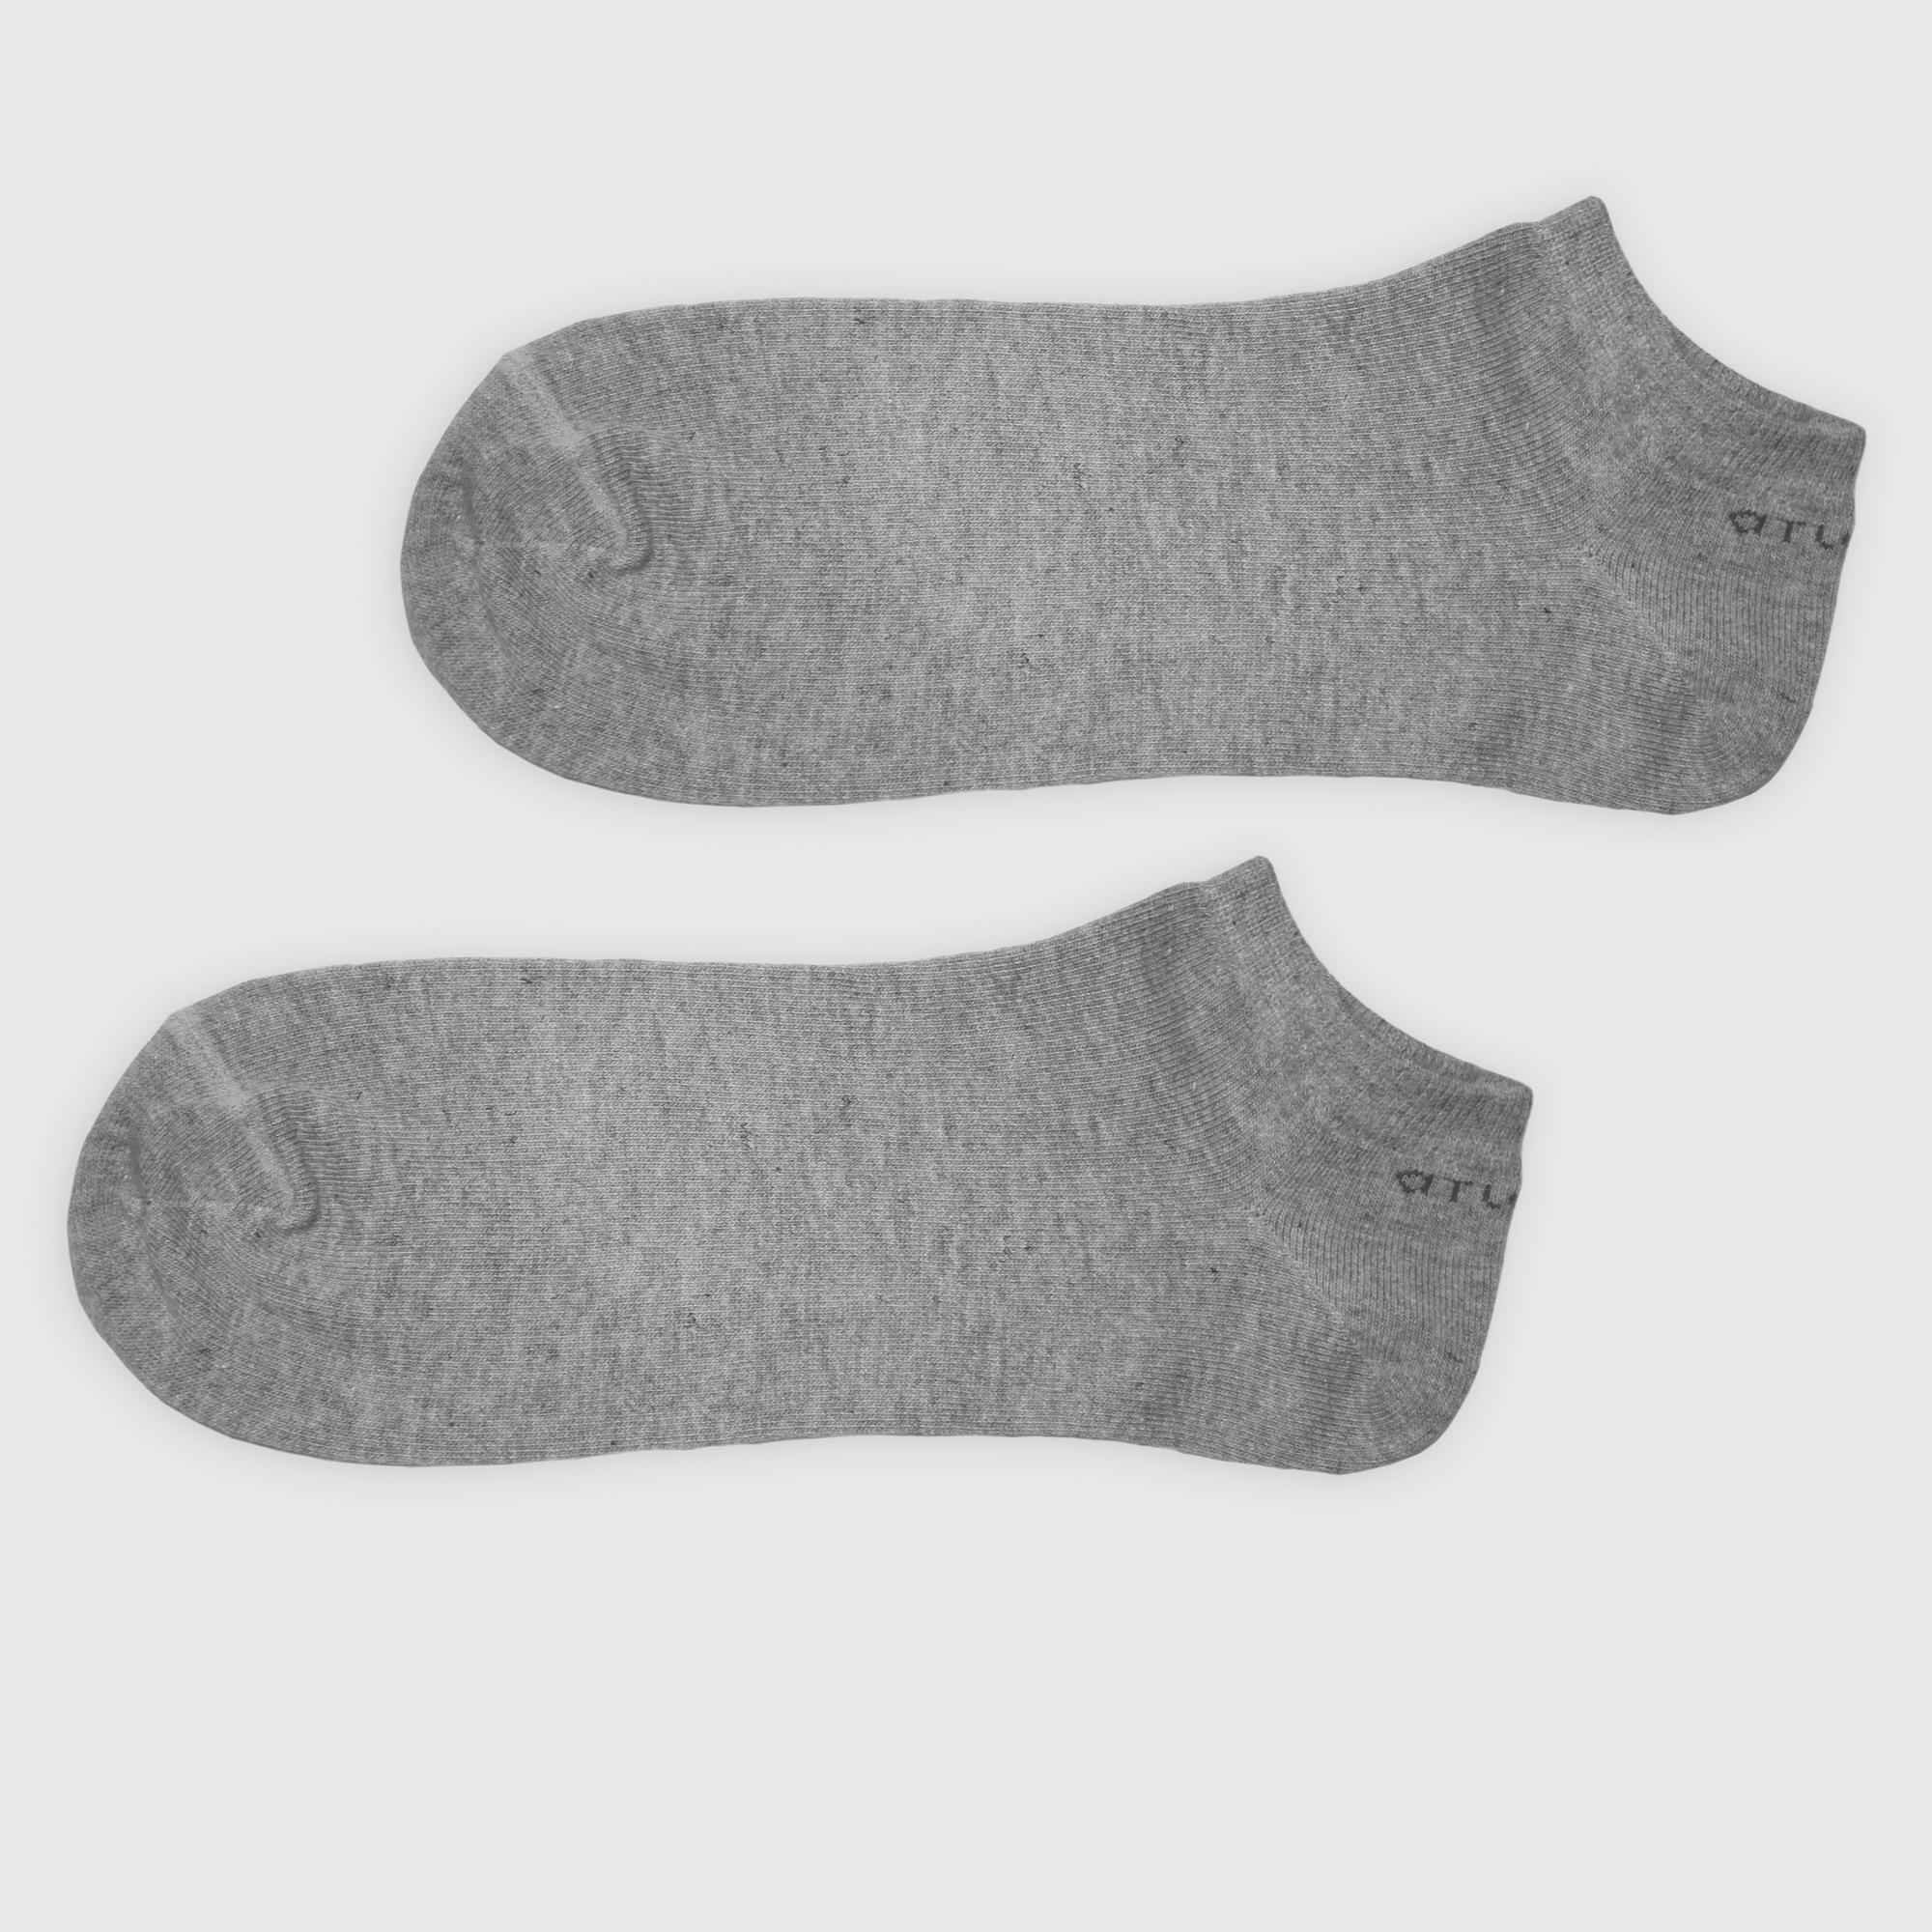 Укороченные носки мужские Atlantic, 3 пары в уп., бамбук, серый меланж, MSB-002